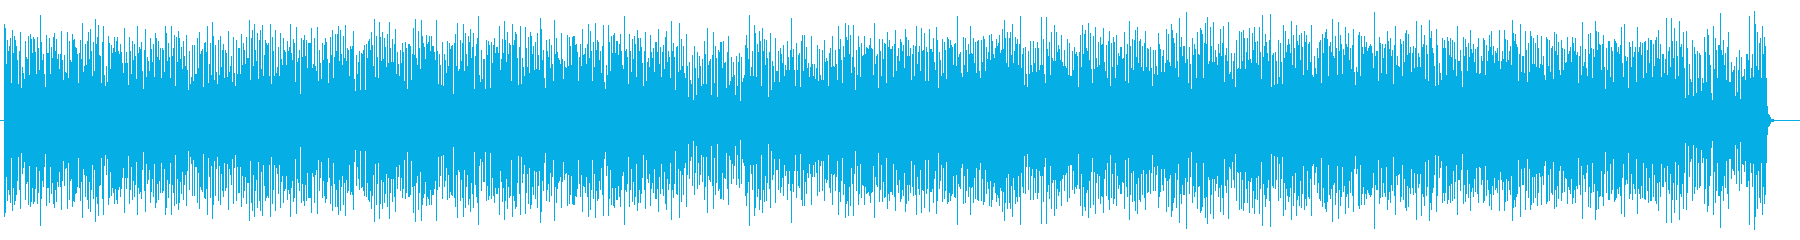 意味深でクールなミュージックの再生済みの波形